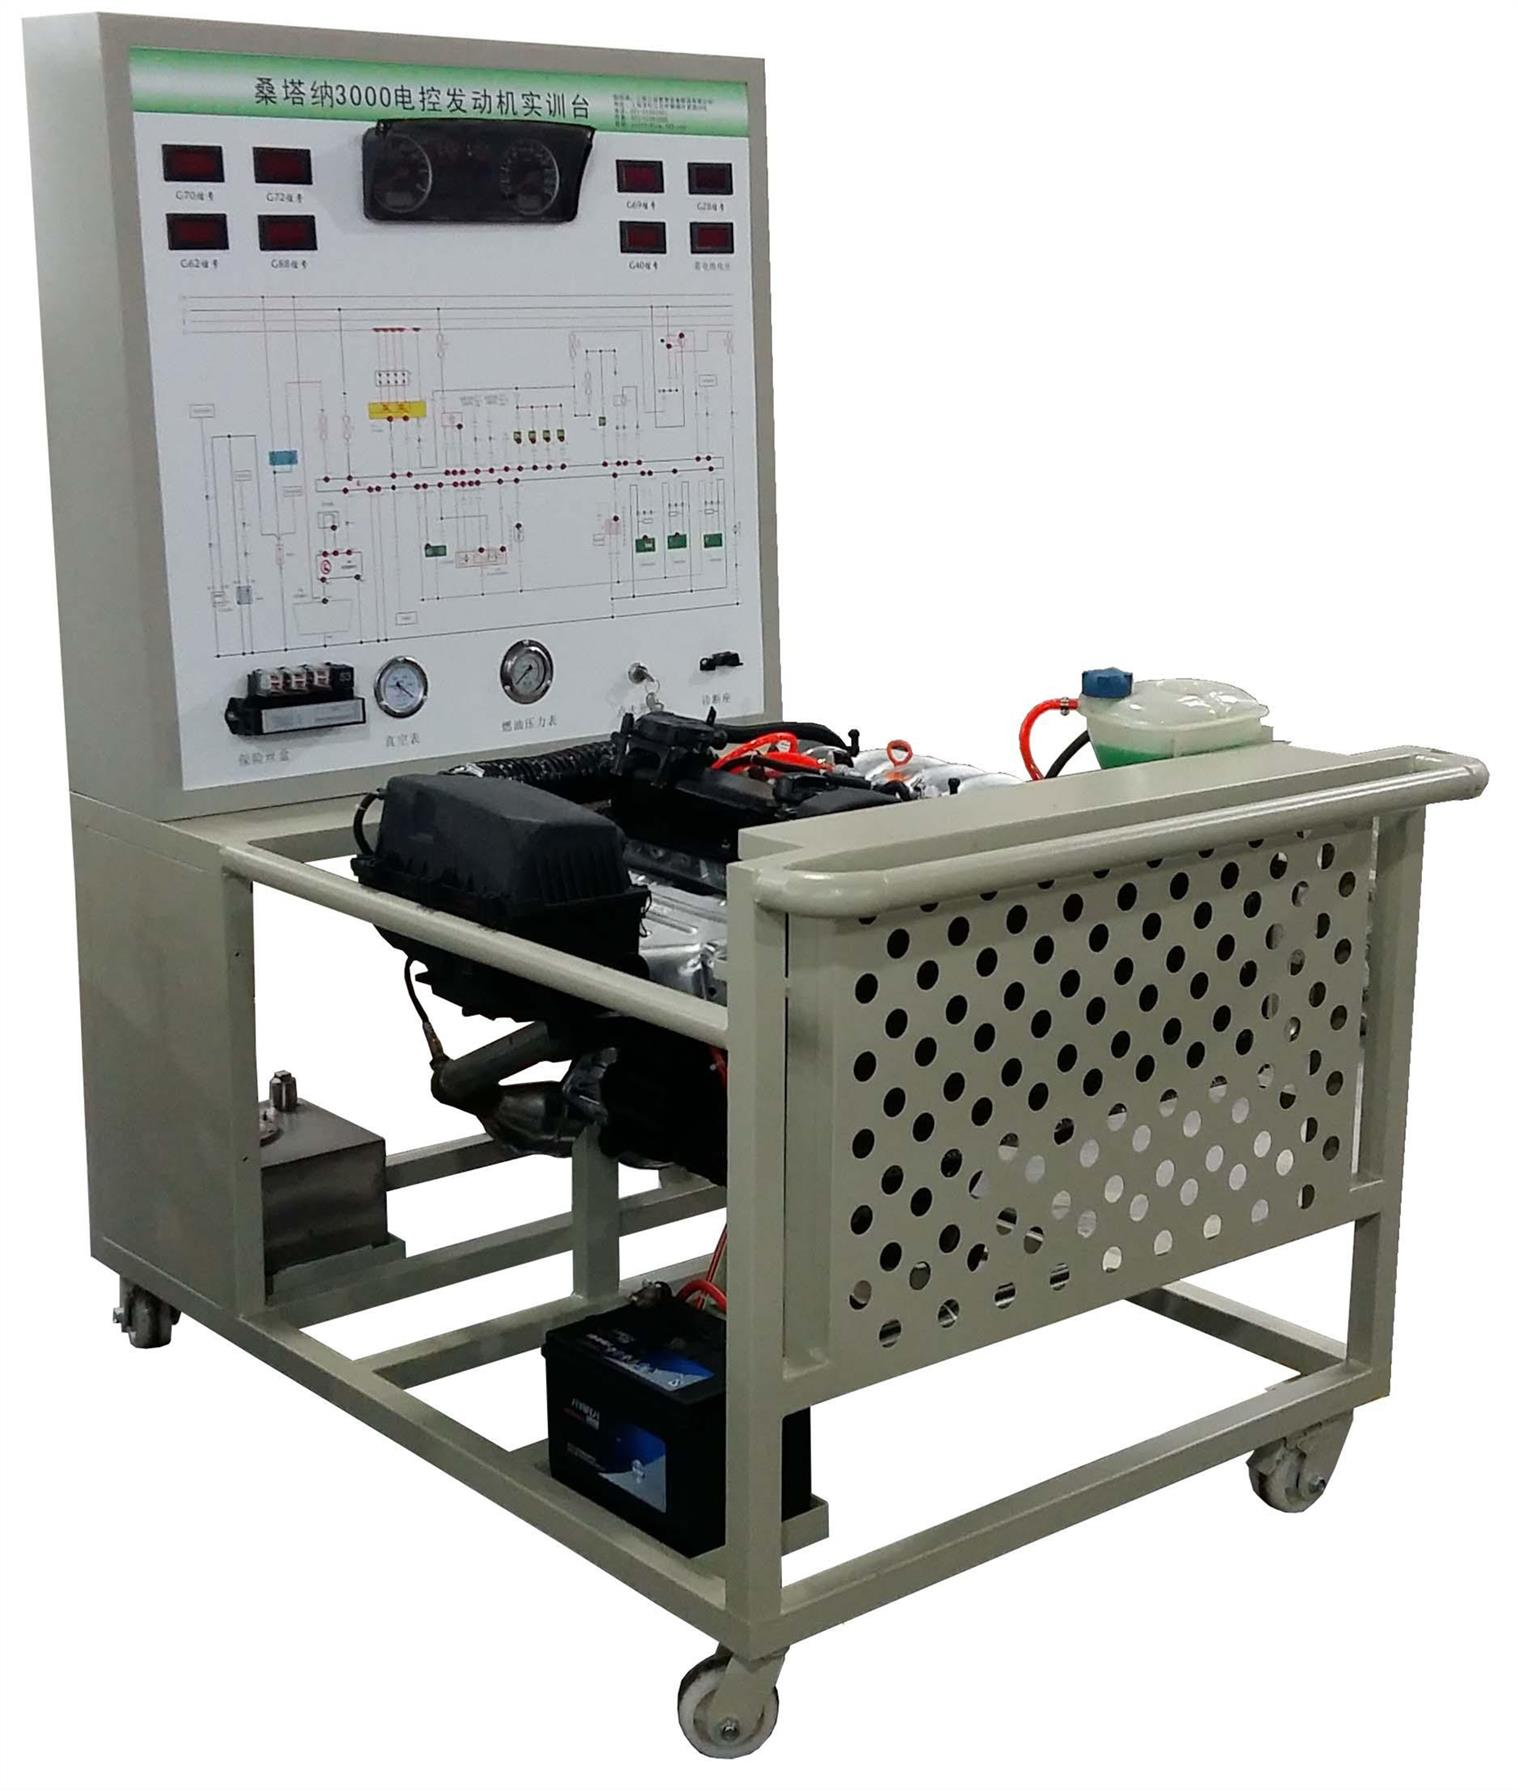 大众直喷电控汽油发动机运行实训台 直喷电控发动机实训台 上海博才